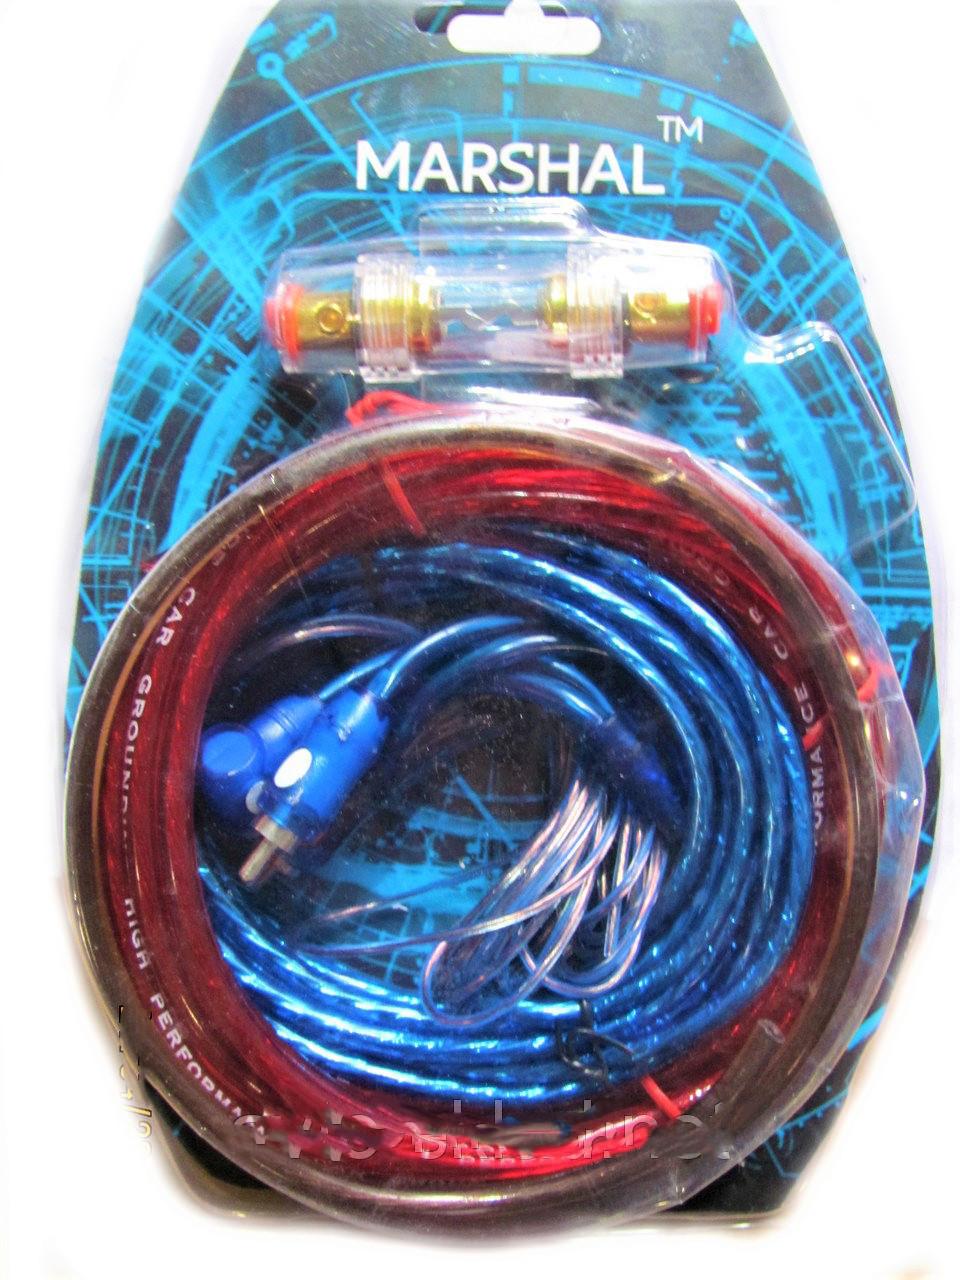 Комплект проводів для сабвуфера Marshal M8 | Дроти для підключення підсилювача для сабвуфера